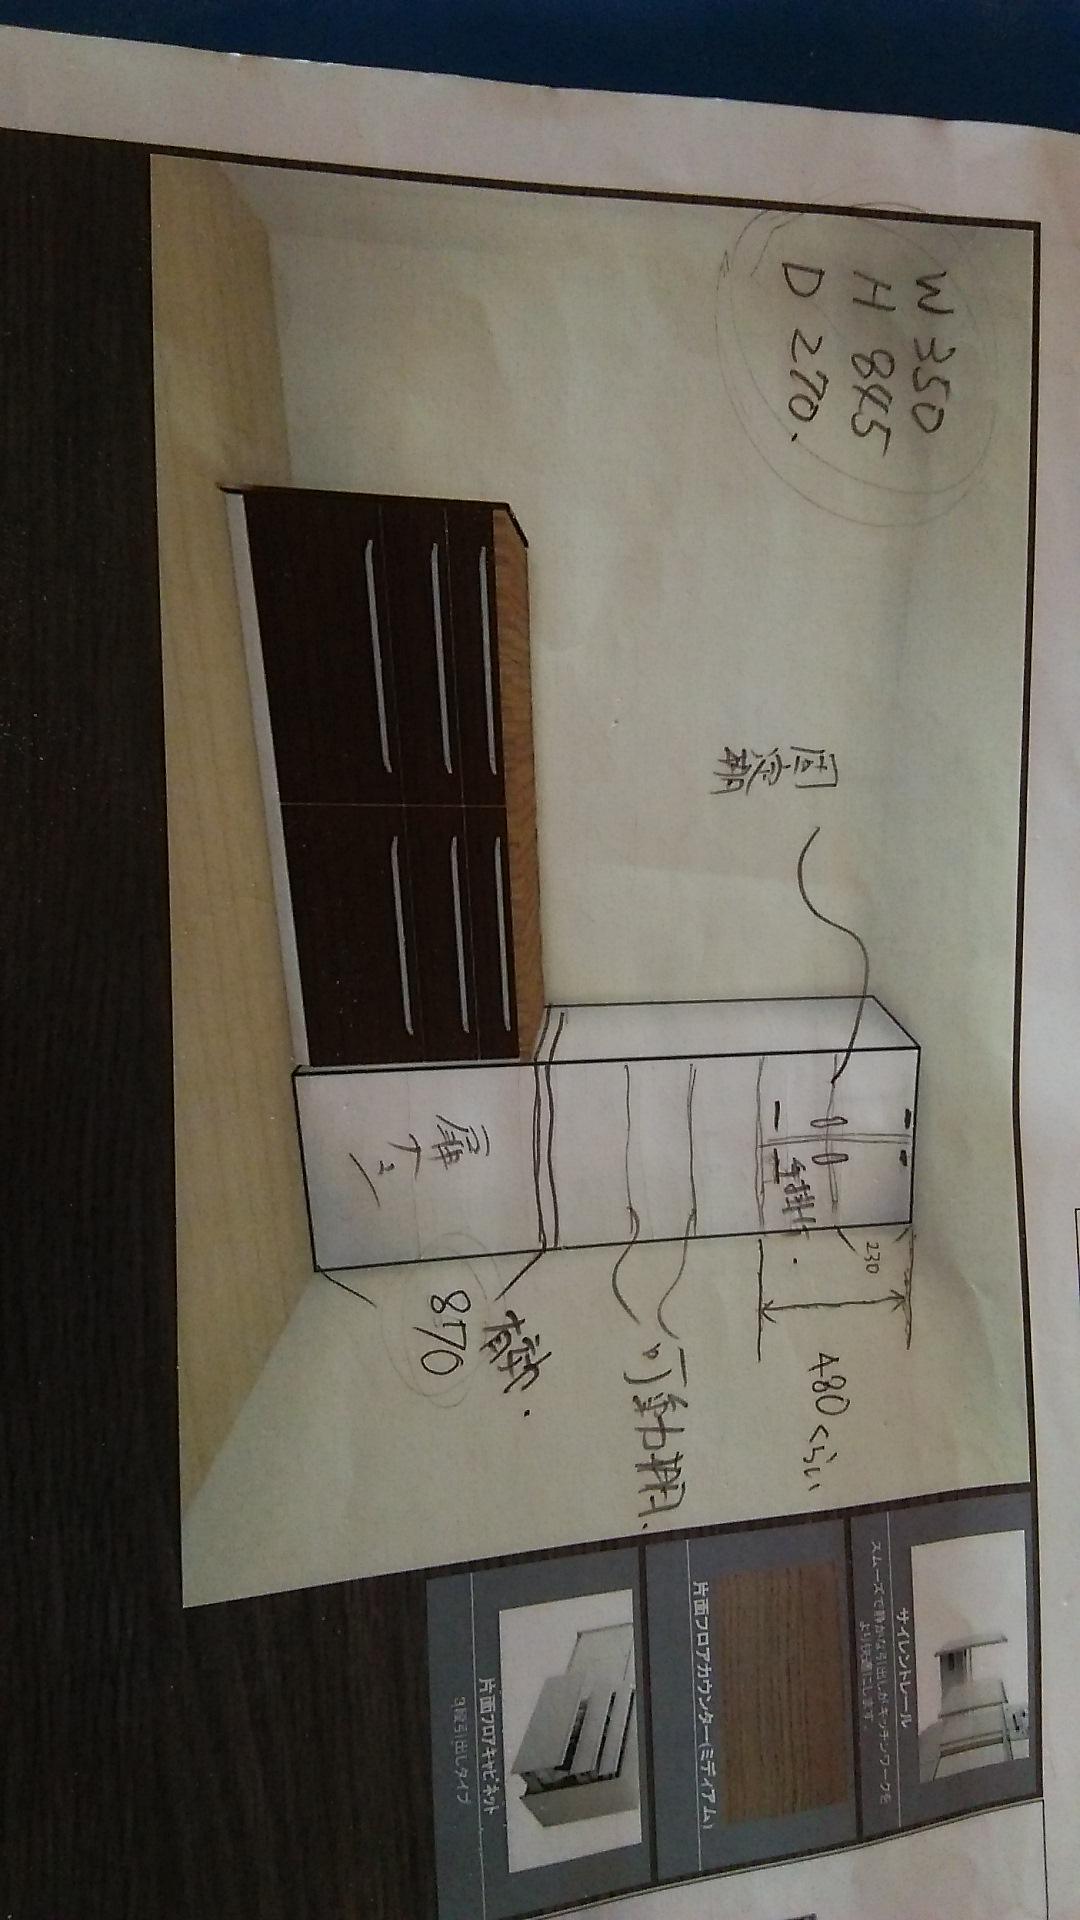 食器棚図面